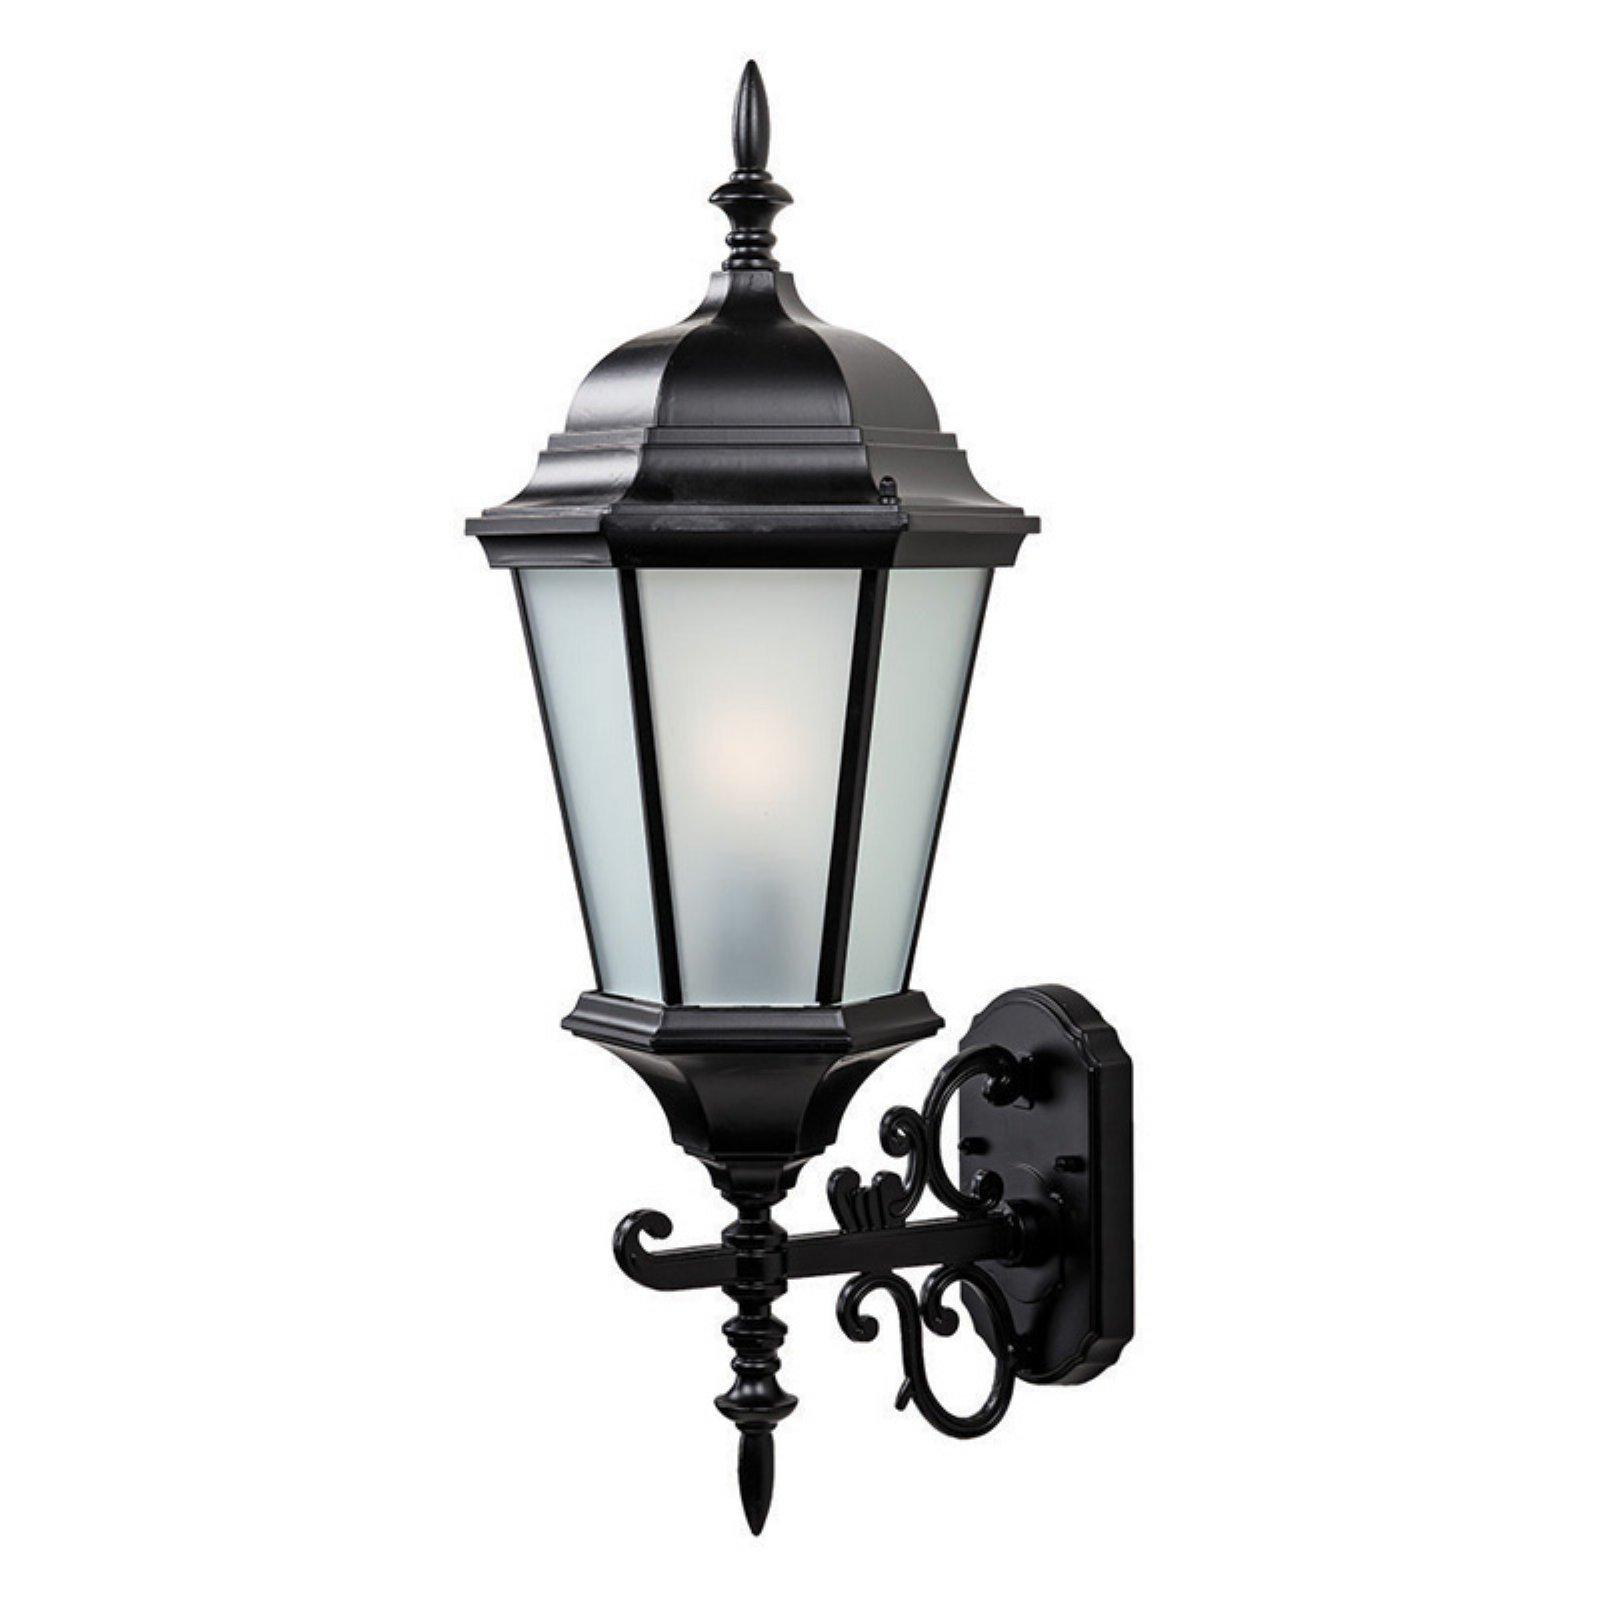 Acclaim Lighting Richmond 1 Light Outdoor Wall Mount Light Fixture